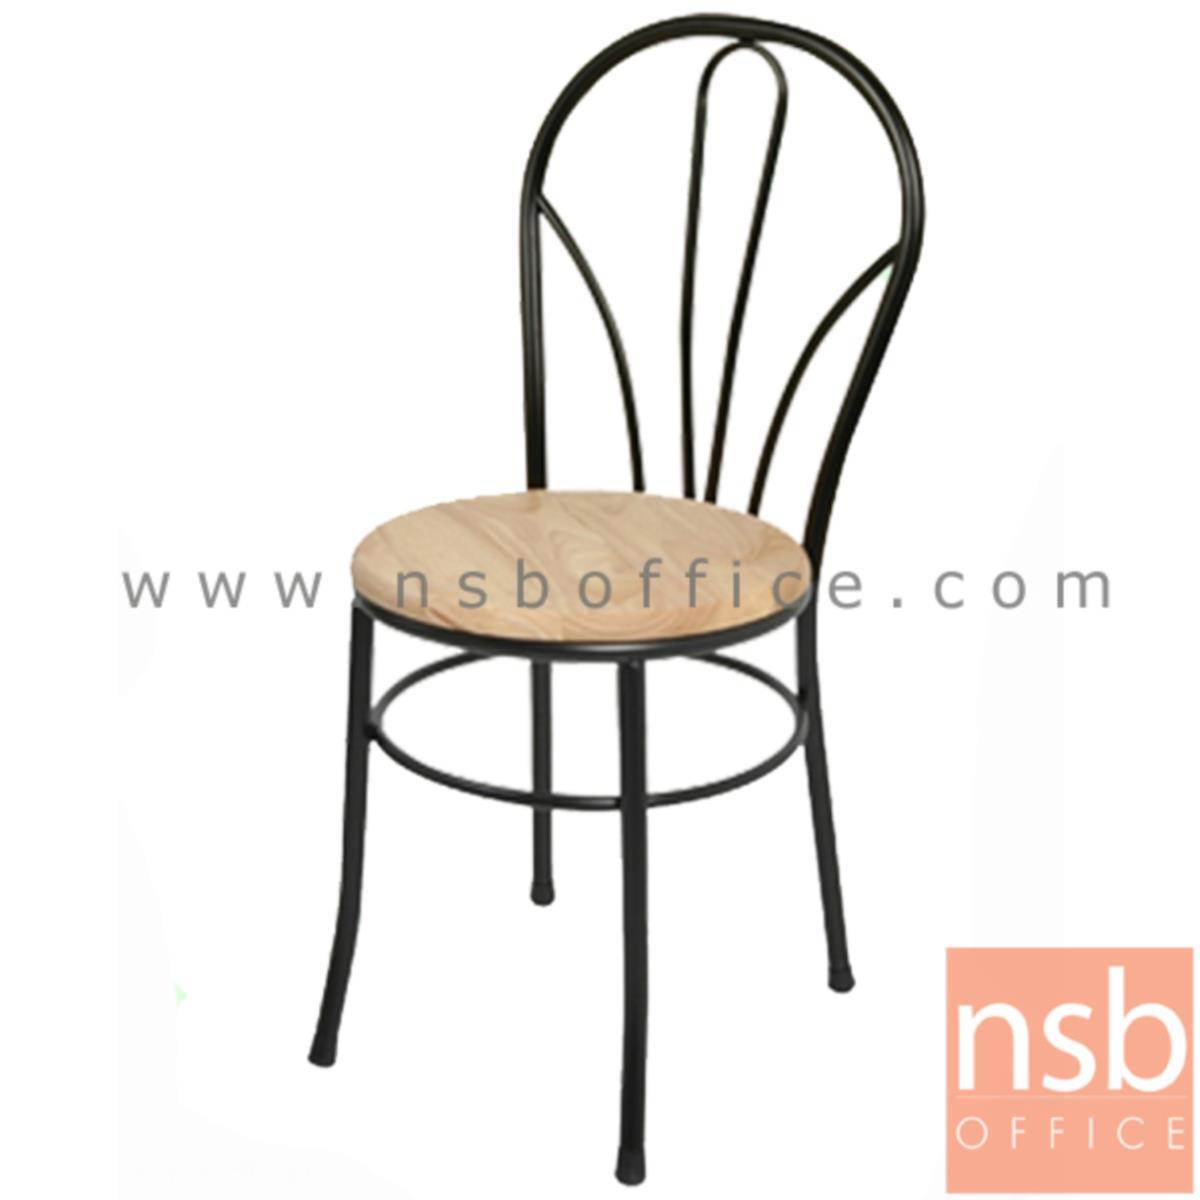 B20A046:เก้าอี้อเนกประสงค์เหล็ก รุ่น BONGA-BW  ขาเหล็กพ่นดำ